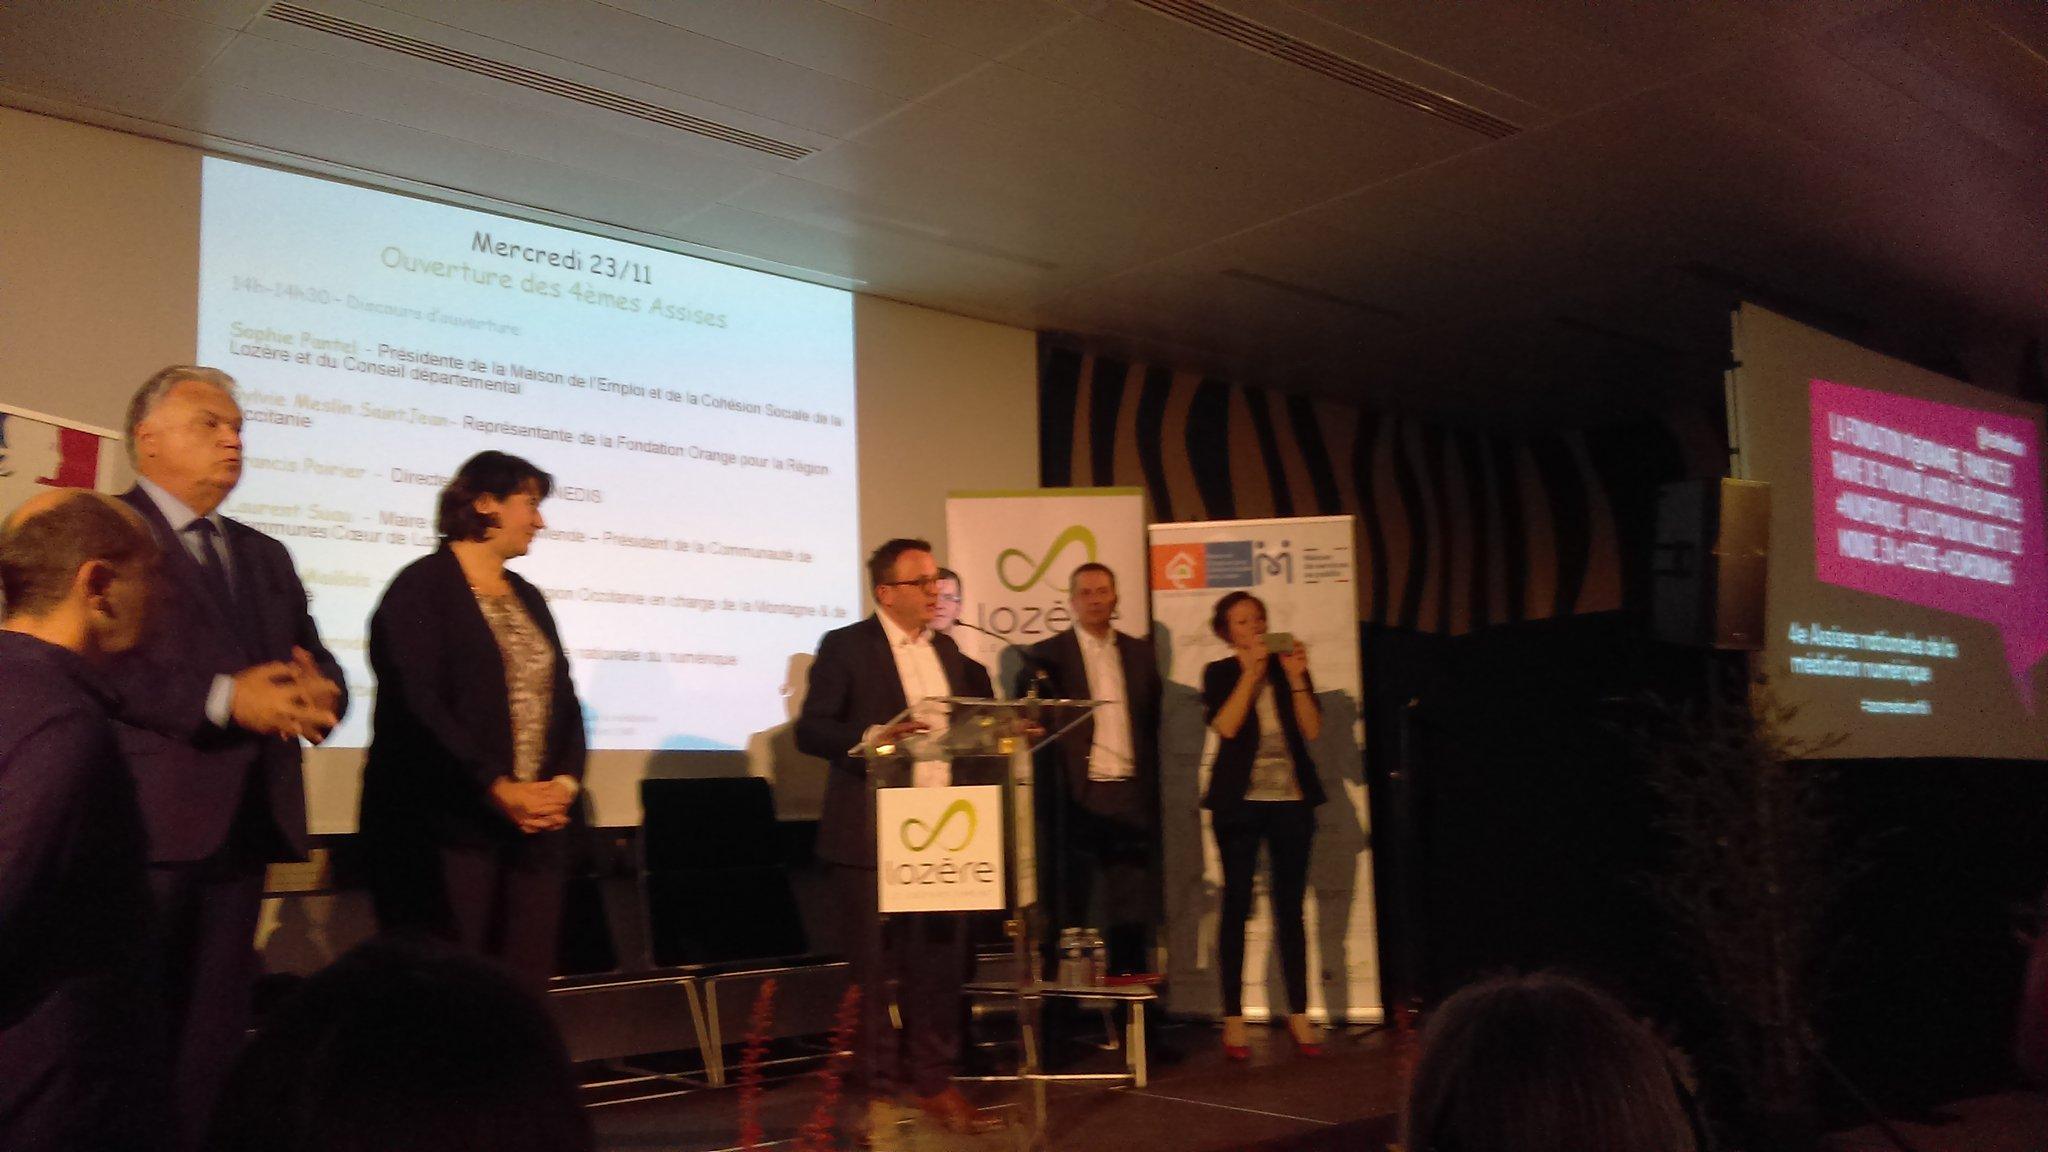 Le défi du Plan @FranceTHD est de déployer des réseaux très haut débit en zone urbaine et en zone rurale @AntoineDarodes aux @AssMedNum https://t.co/eeUizEv9pG